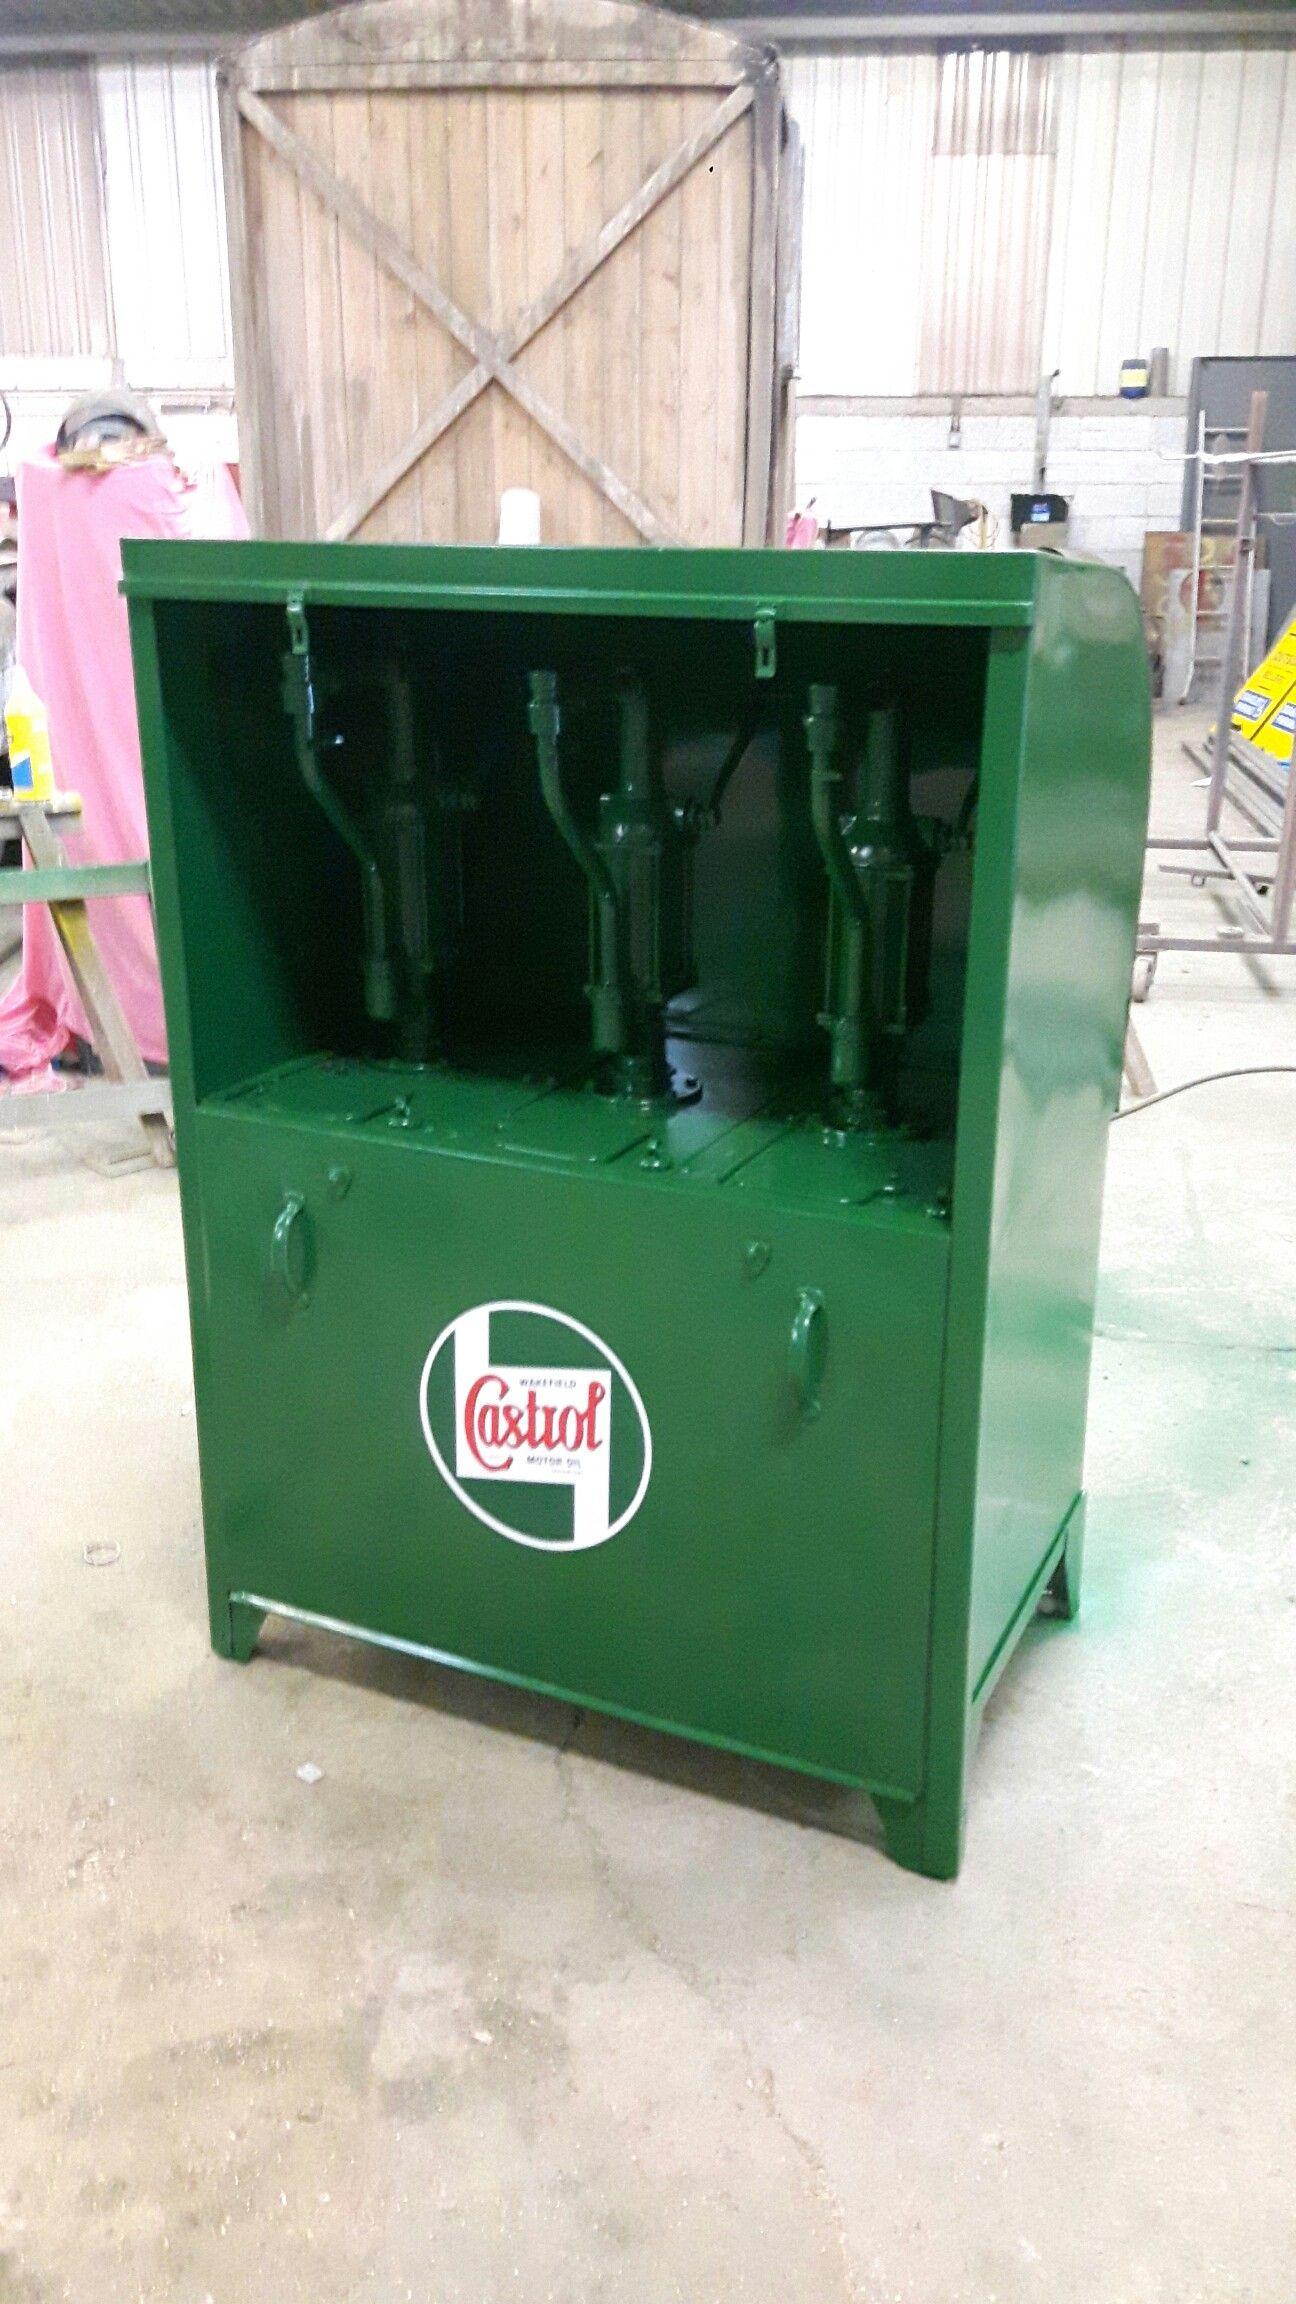 Castrol Oil Dispenser Restored For Matts Automobilia Oil Dispenser Castrol Oil Retro Art Deco